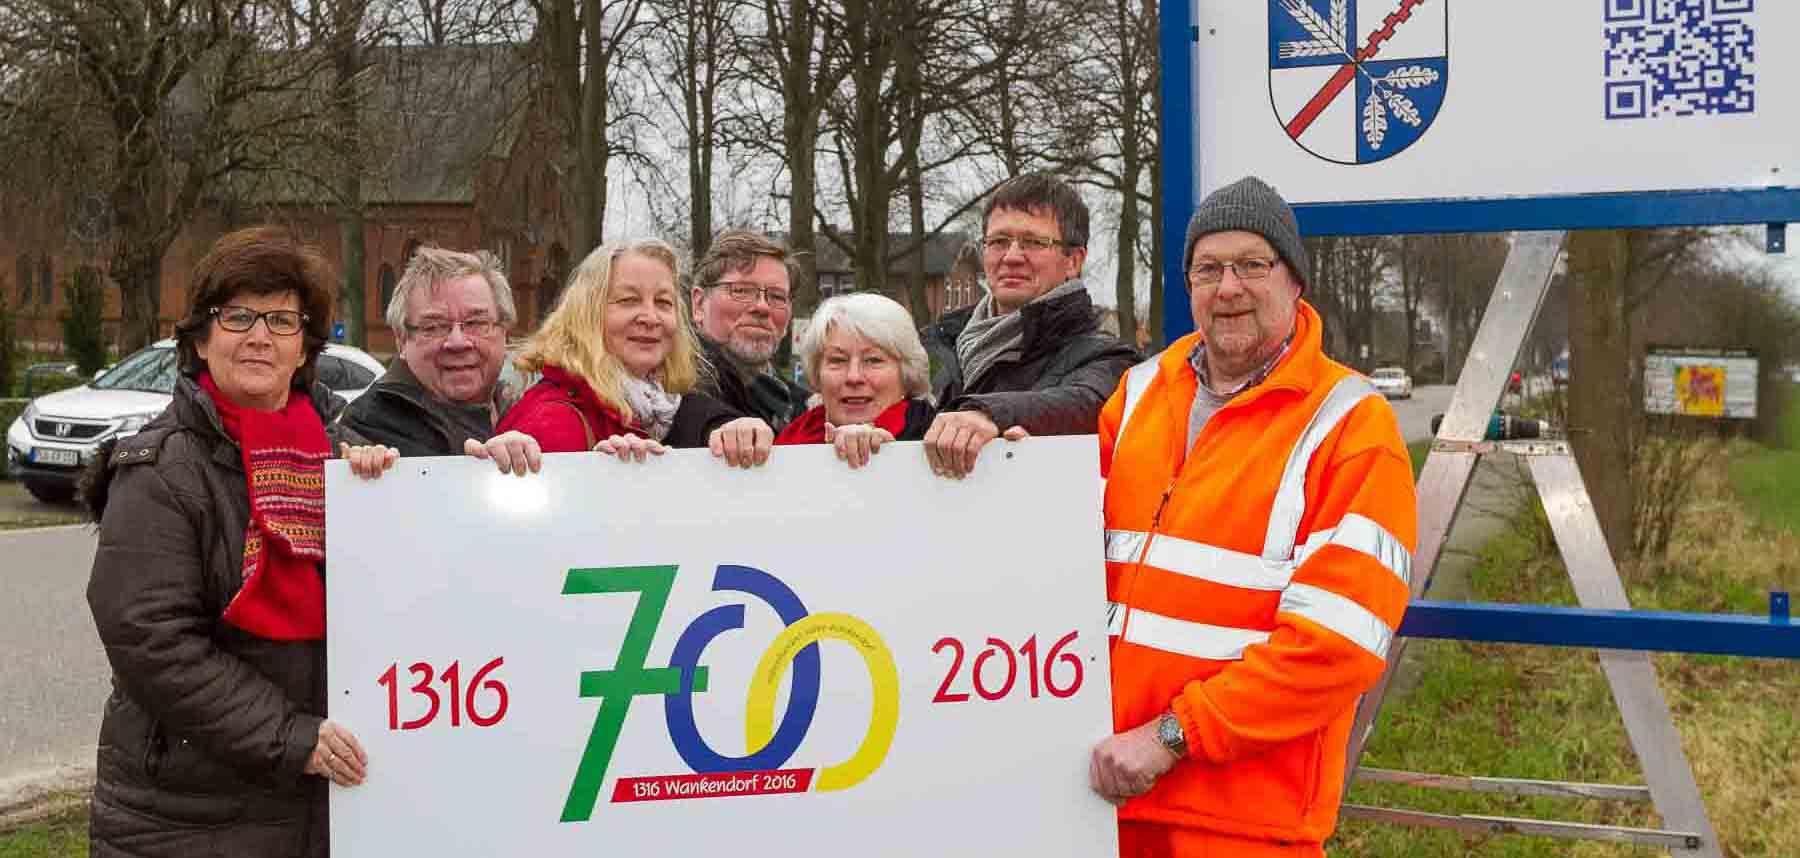 Wankendorf und Stolpe feiern 700-jähriges Jubiläum. Jetzt weisen an den Ortseingängen Wankendorfs Schilder auf den Festakt hin